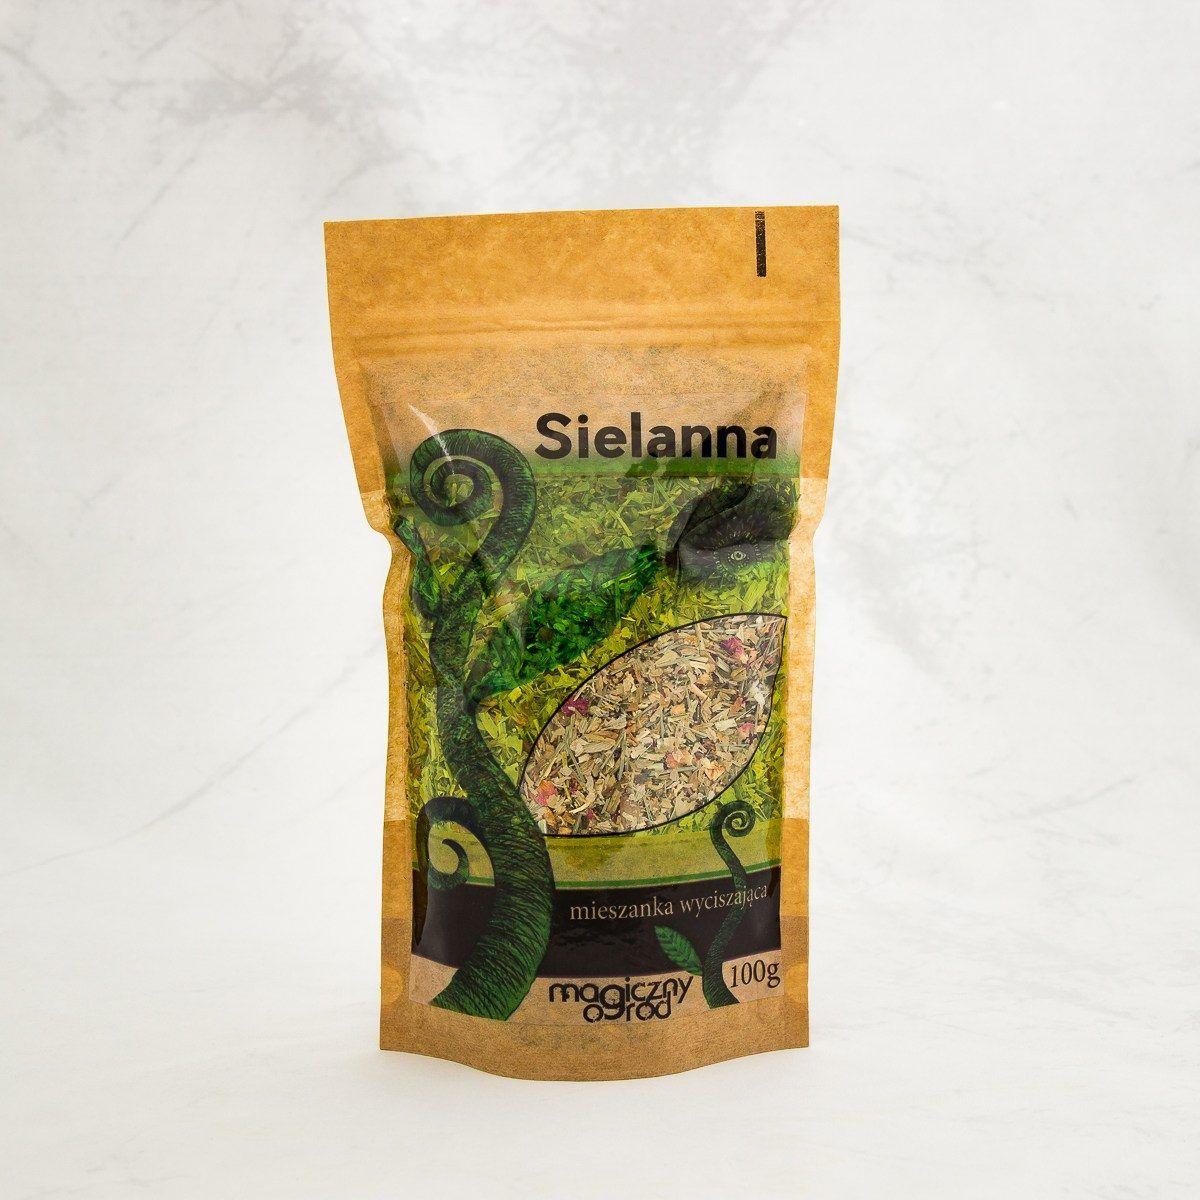 Herbatka Sielanna 100g